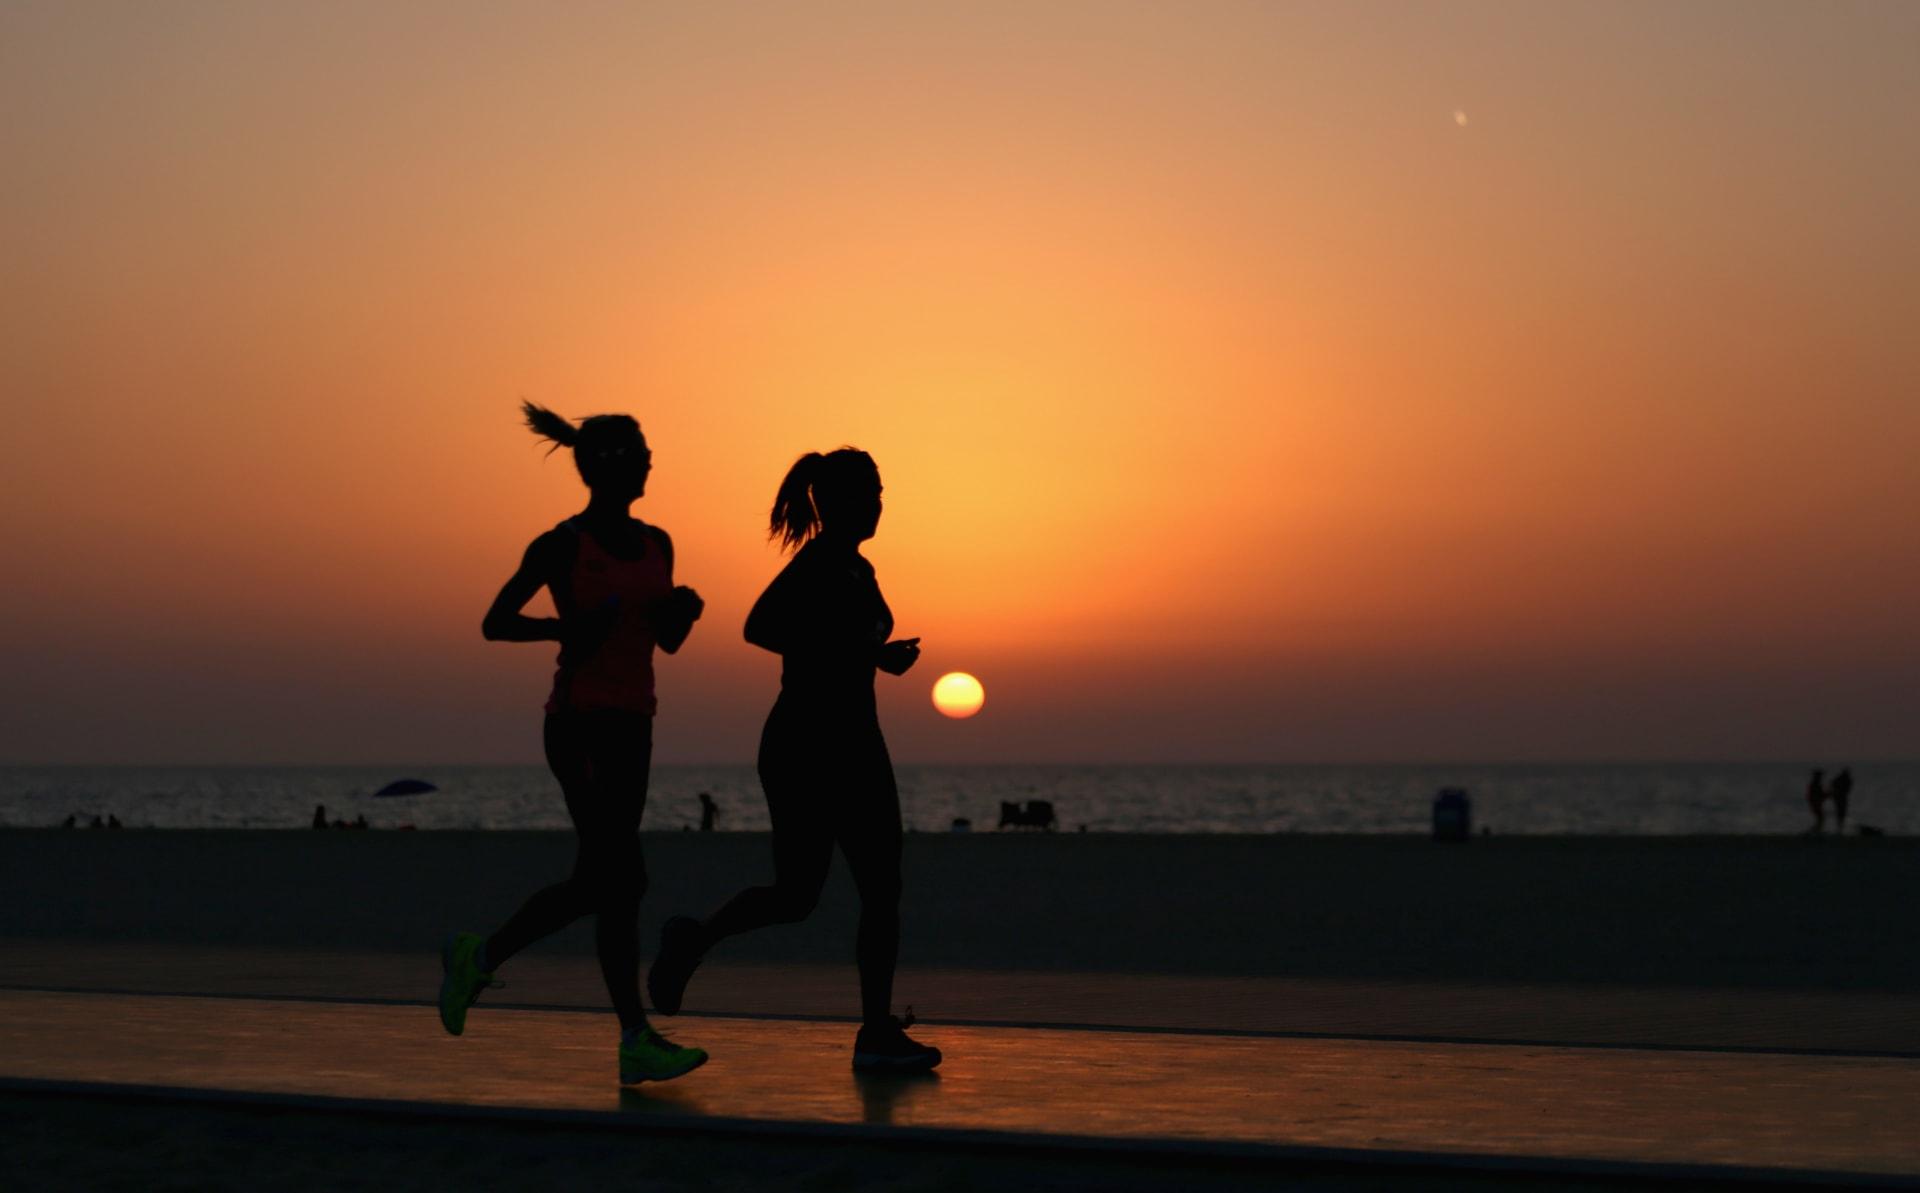 كم دقيقة يجب أن تمارس النشاط البدني أسبوعياً حتى لا تتأثر بمضاعفات كورونا؟